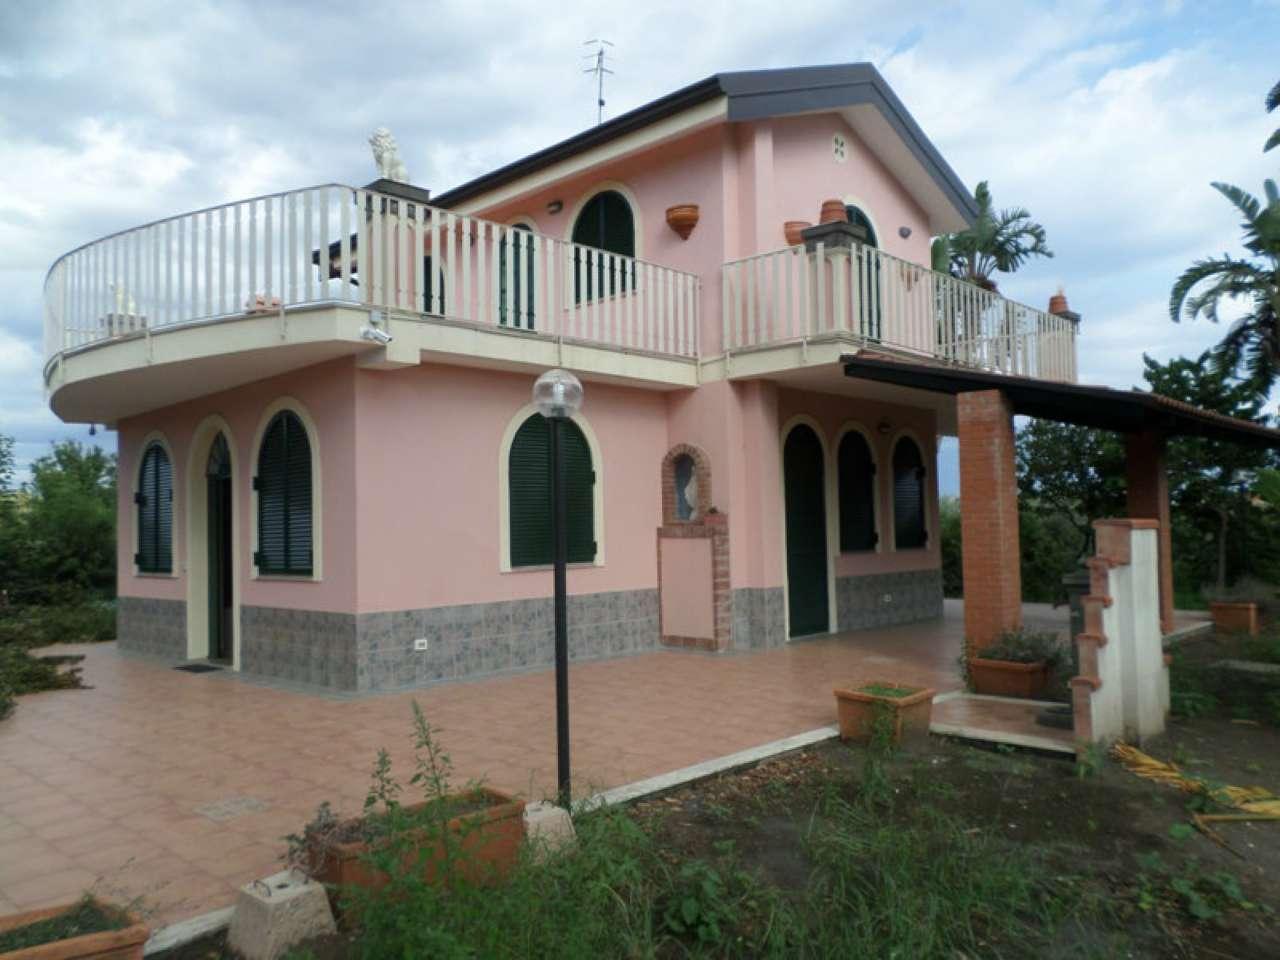 Casa fiumefreddo di sicilia appartamenti e case in for Appartamenti sicilia